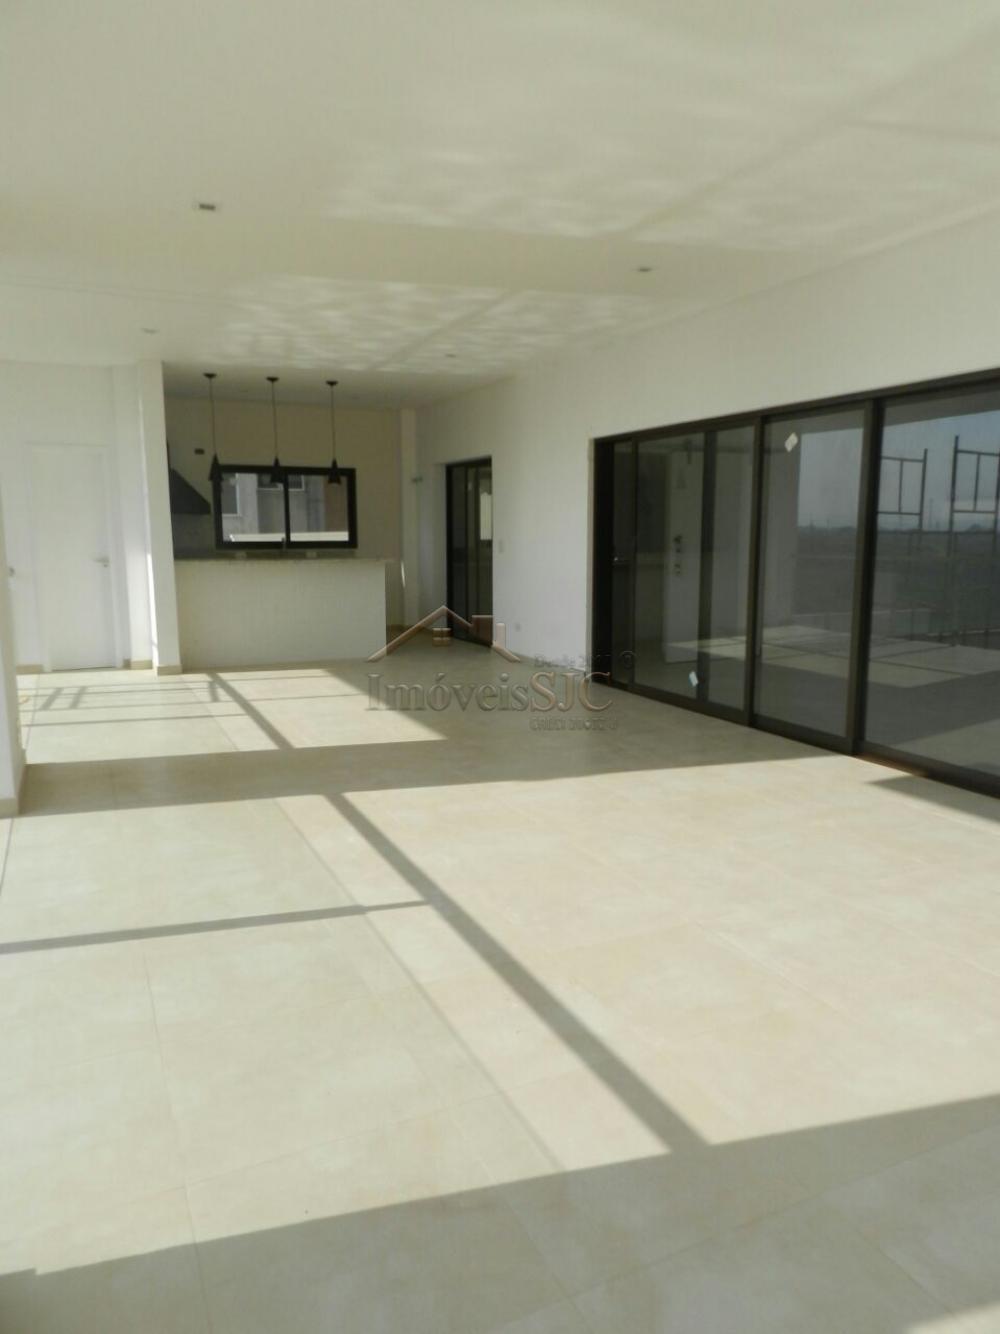 Comprar Casas / Condomínio em Jacareí apenas R$ 1.550.000,00 - Foto 13